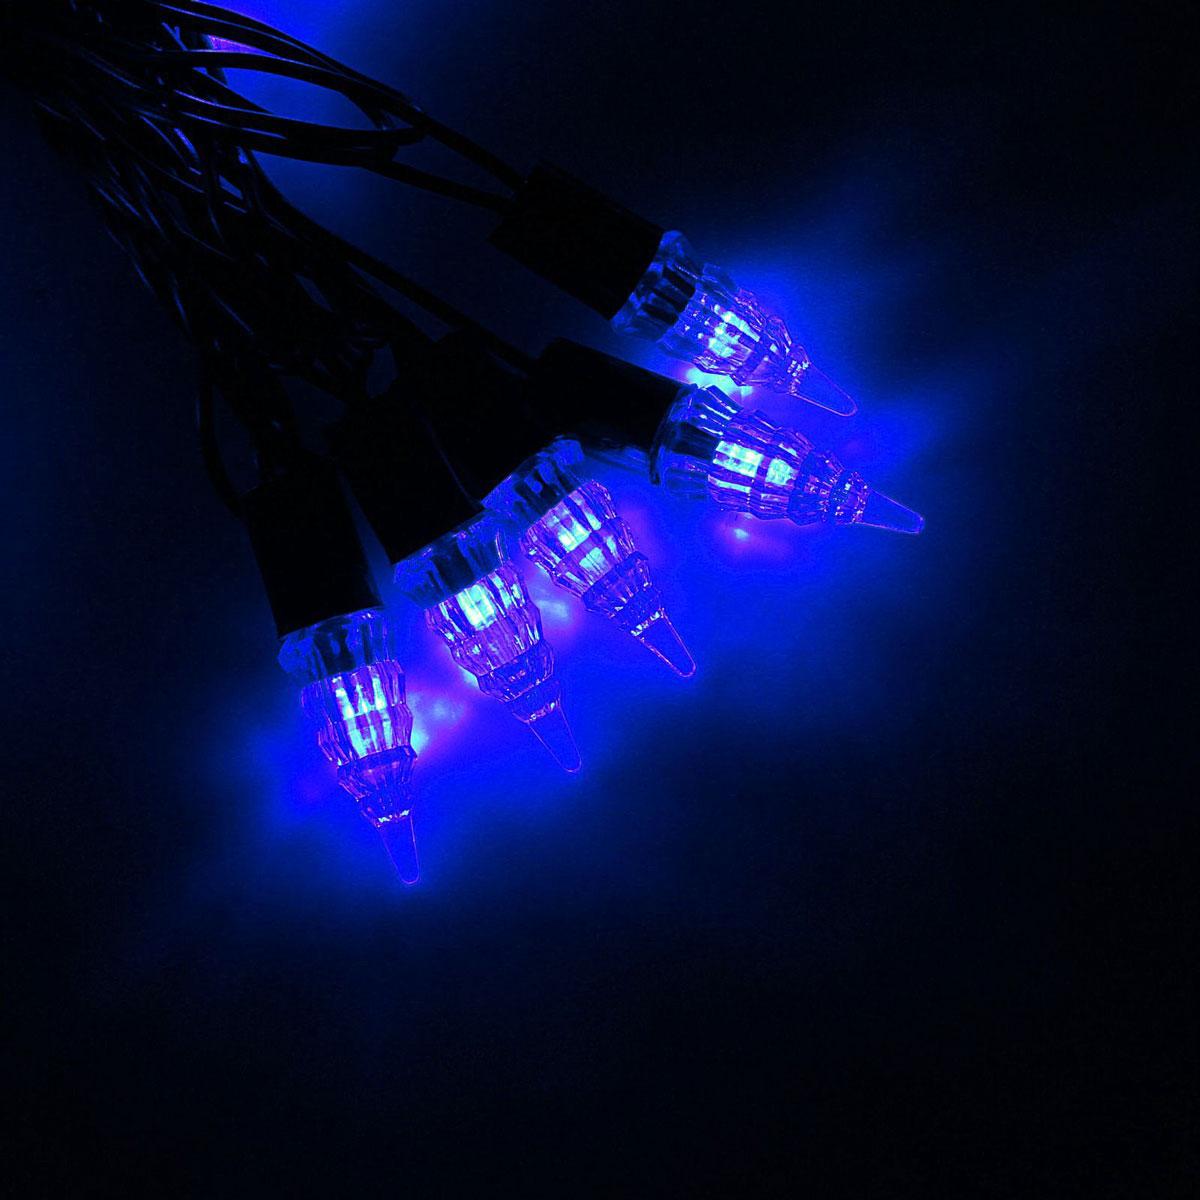 Гирлянда светодиодная Luazon Метраж. Конус, уличная с насадкой, фиксинг, 40 ламп, 220 V, 5 м, цвет: синий. 10800551080055Светодиодные гирлянды, ленты и т.д. — это отличный вариант для новогоднего оформления интерьера или фасада. С их помощью помещение любого размера можно превратить в праздничный зал, а внешние элементы зданий, украшенные ими, мгновенно станут напоминать очертания сказочного дворца. Такие украшения создают ауру предвкушения чуда. Деревья, фасады, витрины, окна и арки будто специально созданы, чтобы вы украсили их светящимися нитями.